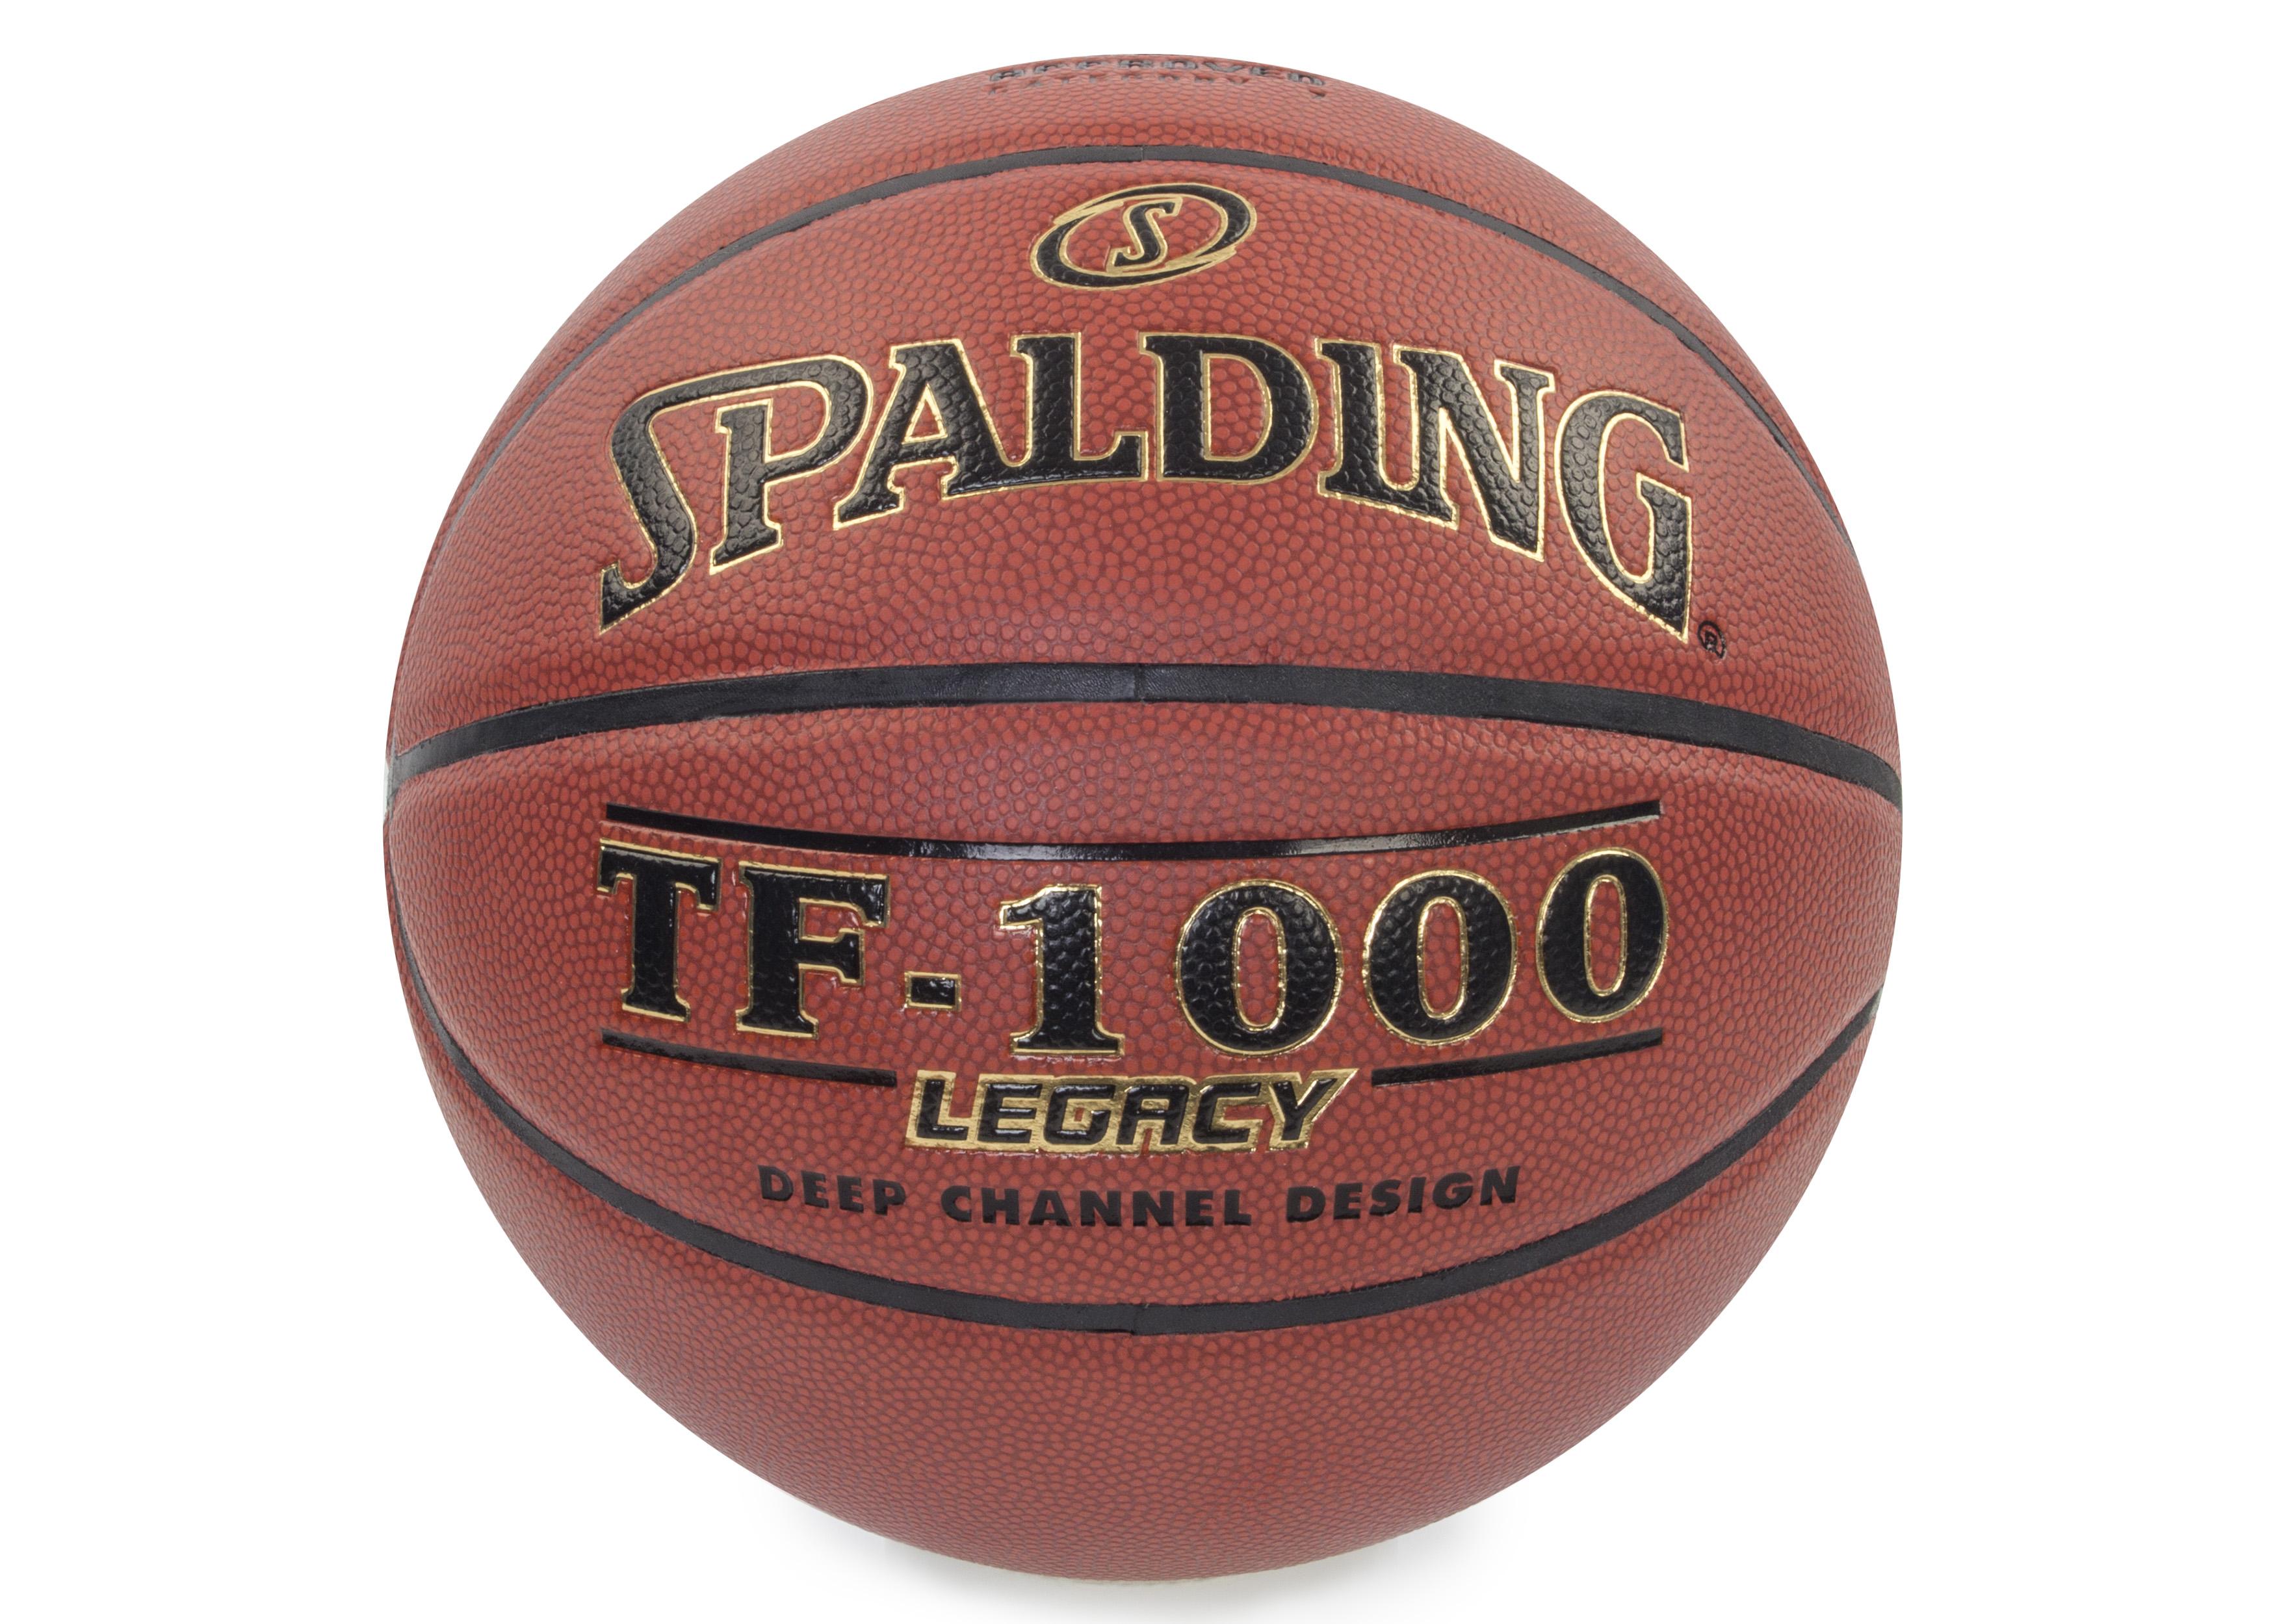 a6e8d322 Мяч баскетбольный Spalding TF 1000 Legacy 6 - Сеть спортивных ...